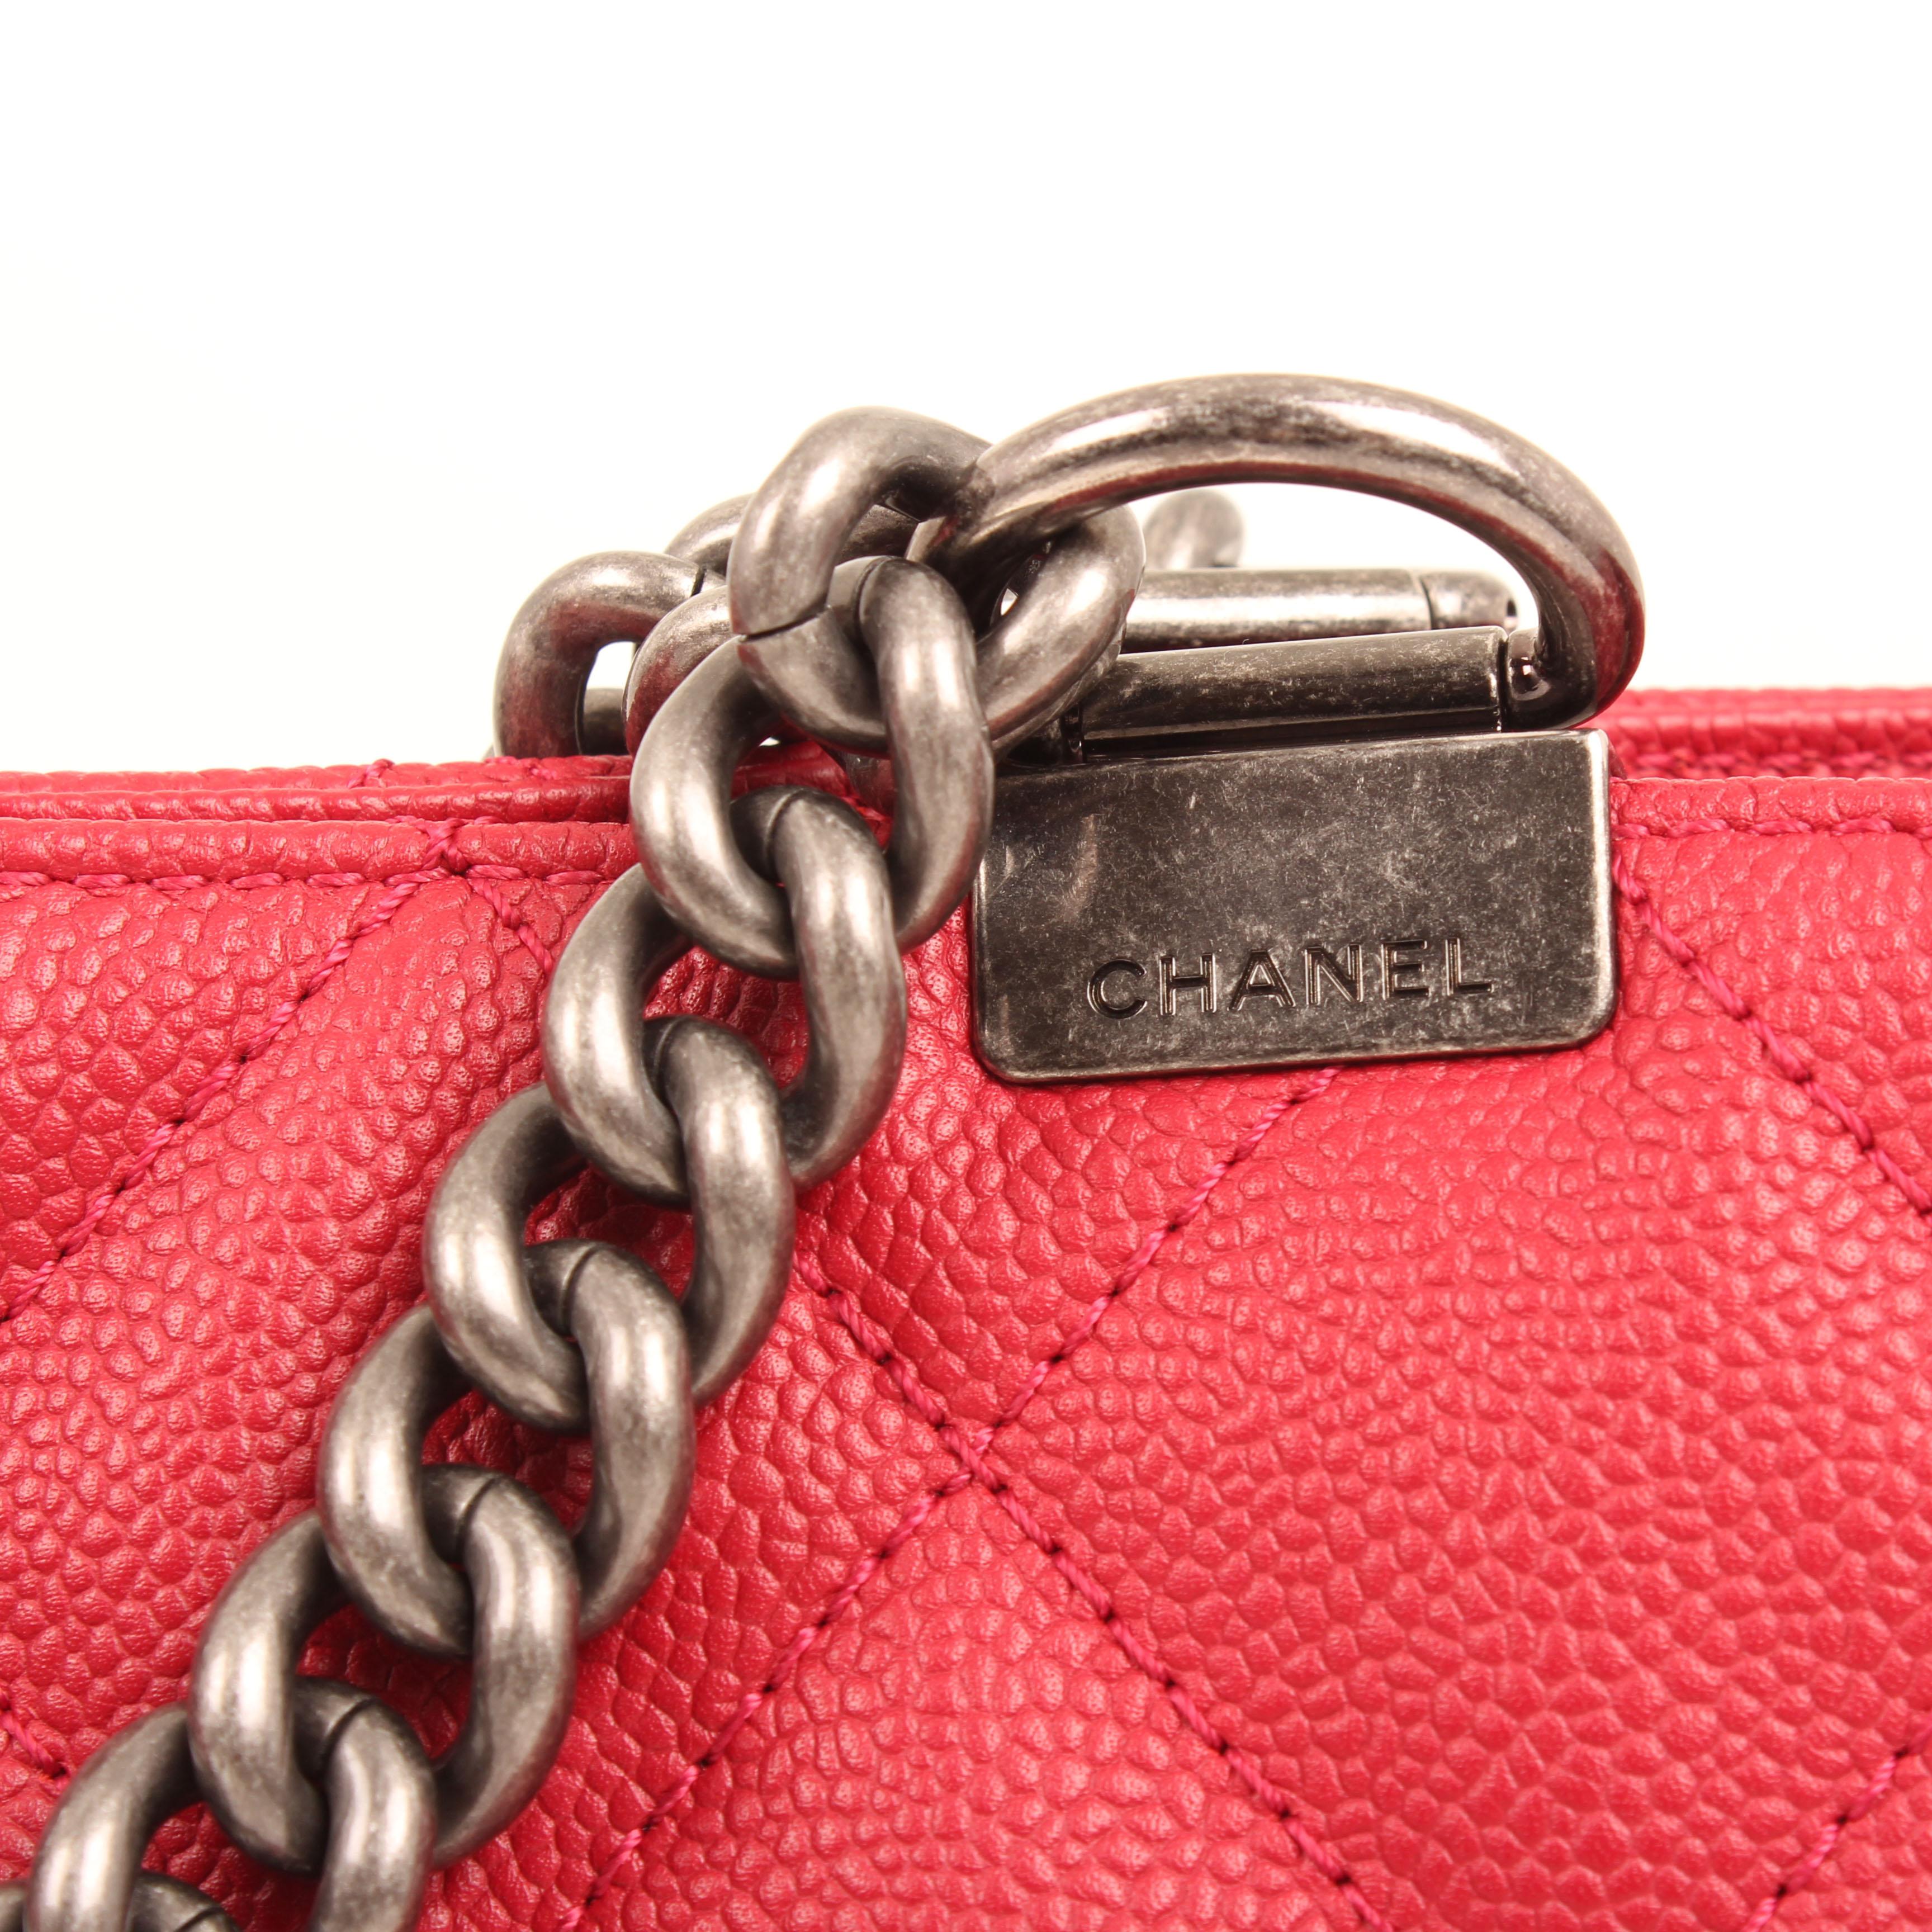 bolso chanel tote in chains piel caviar fresa cadena